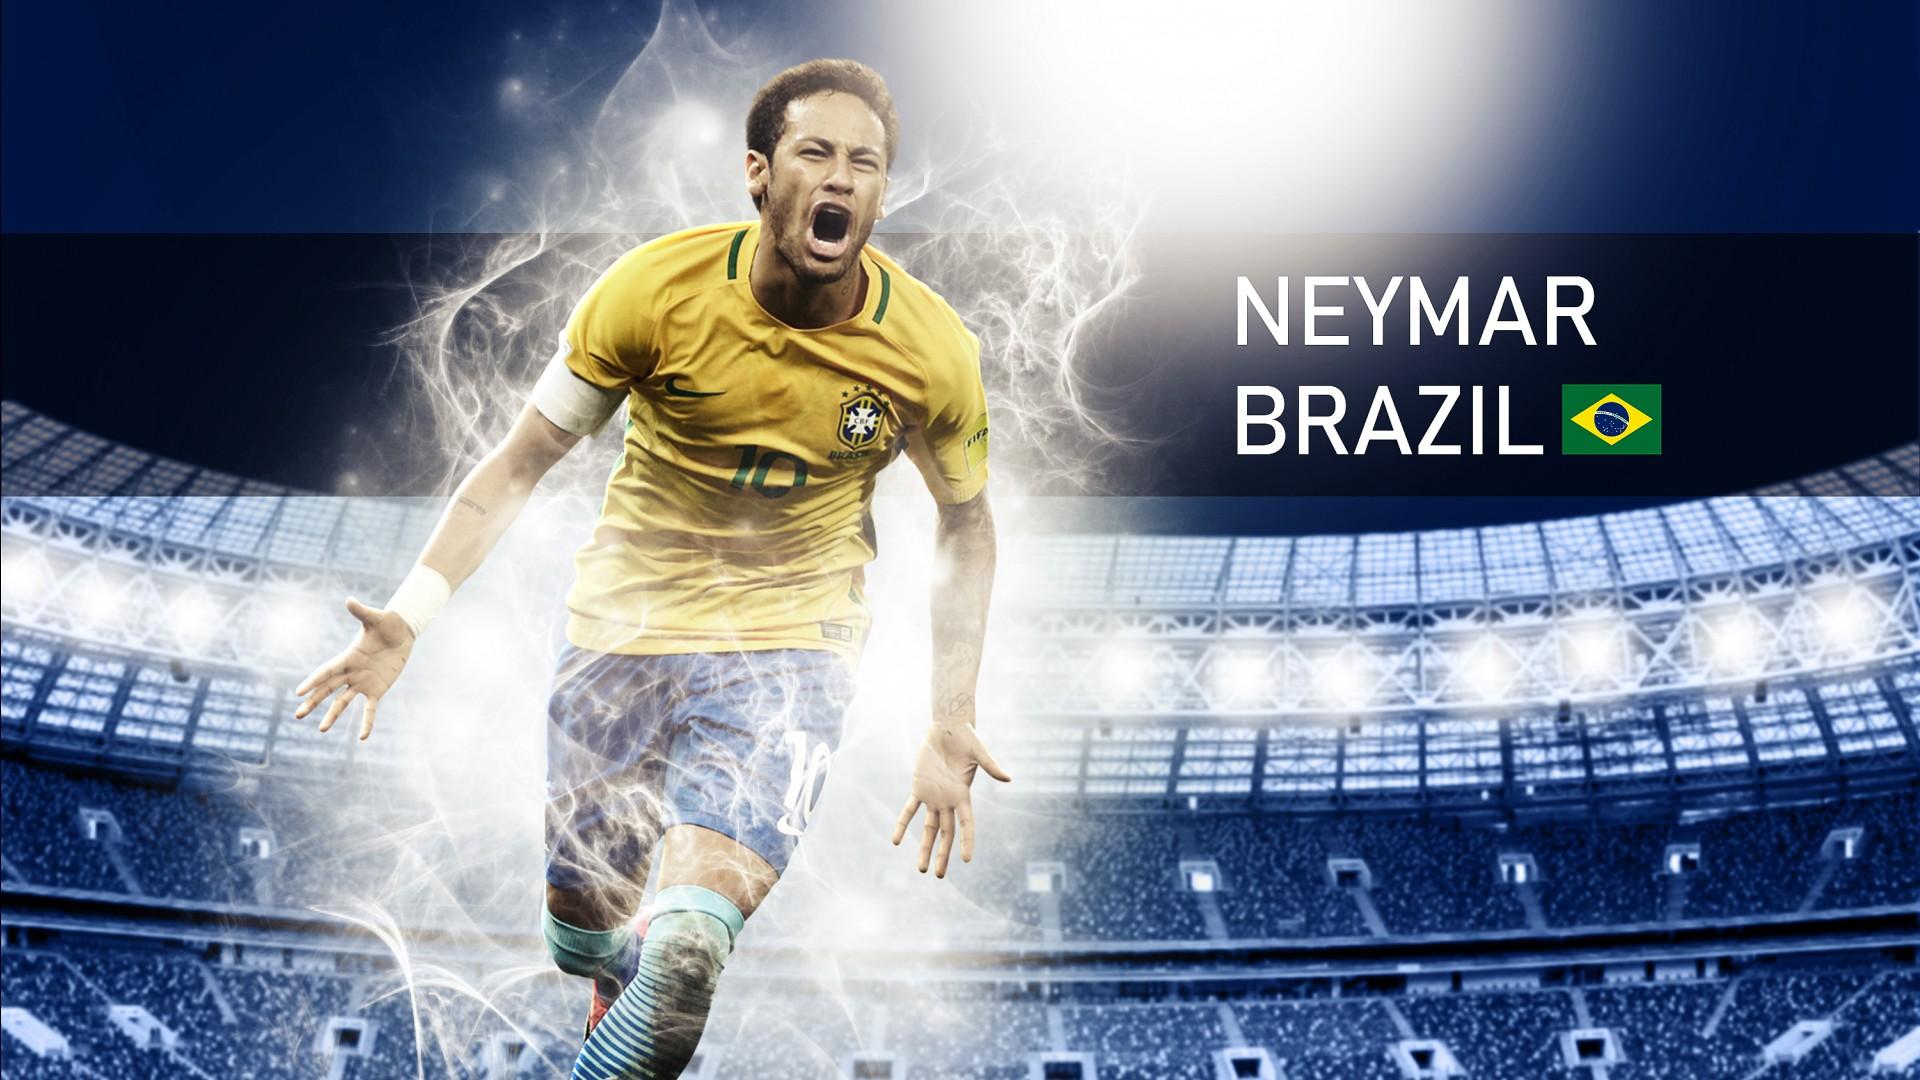 Cute Inspirational Iphone Wallpapers Neymar Jr Brazil Footballer Wallpapers Hd Wallpapers